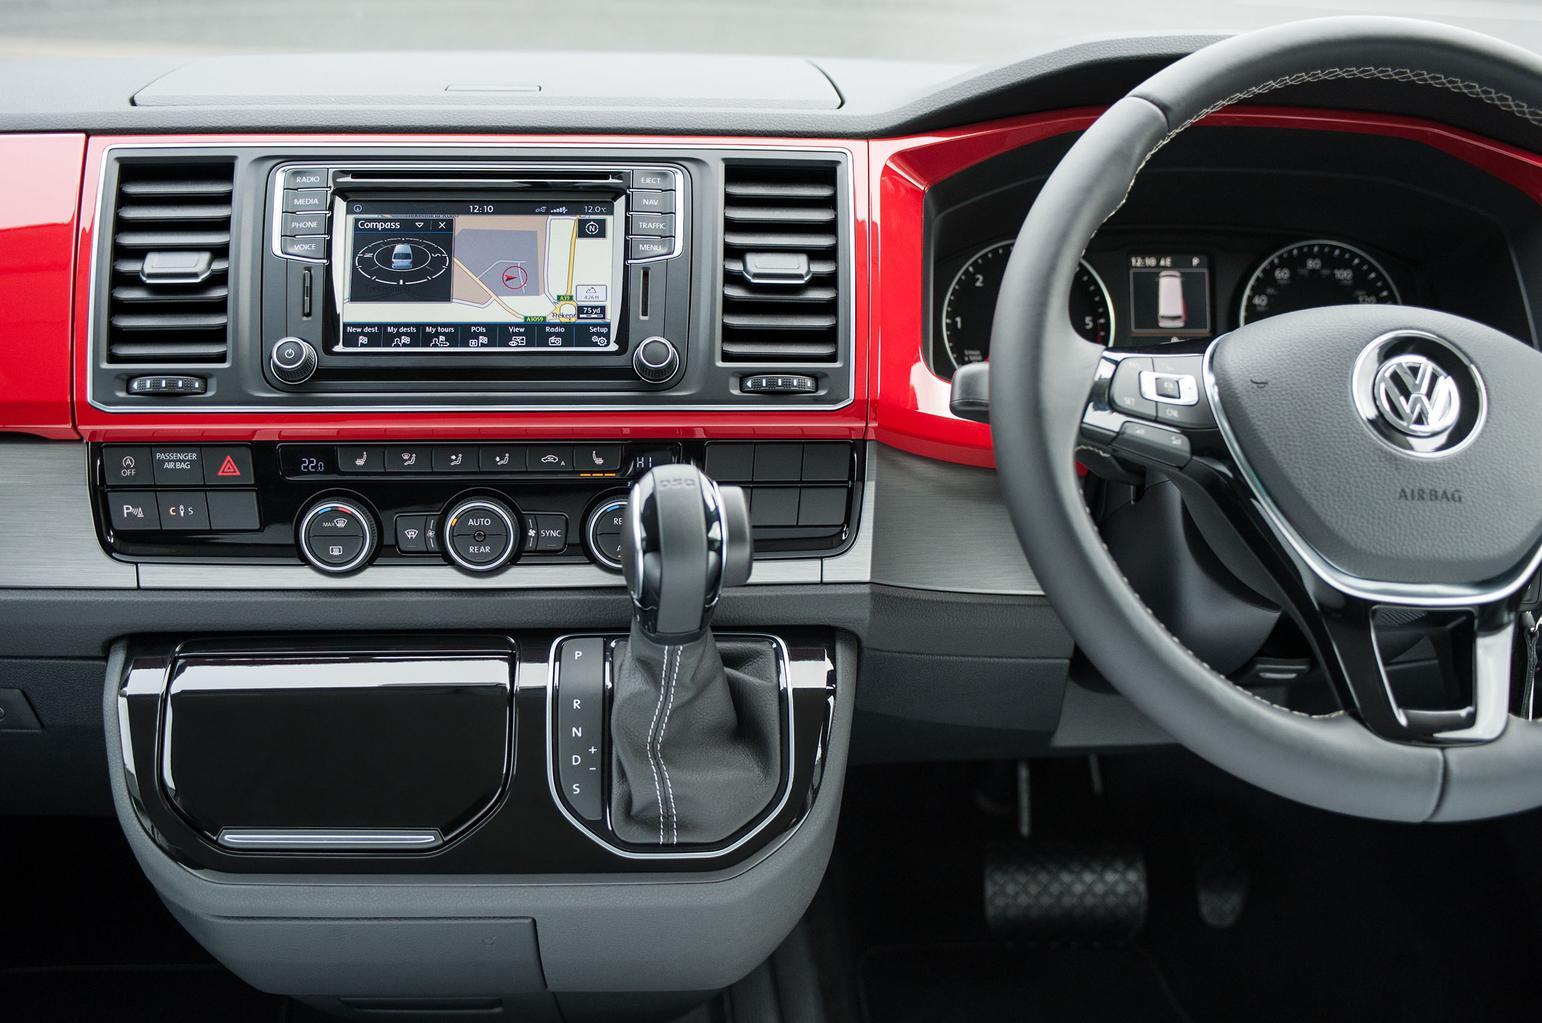 2016 Volkswagen Caravelle Gen 6 review